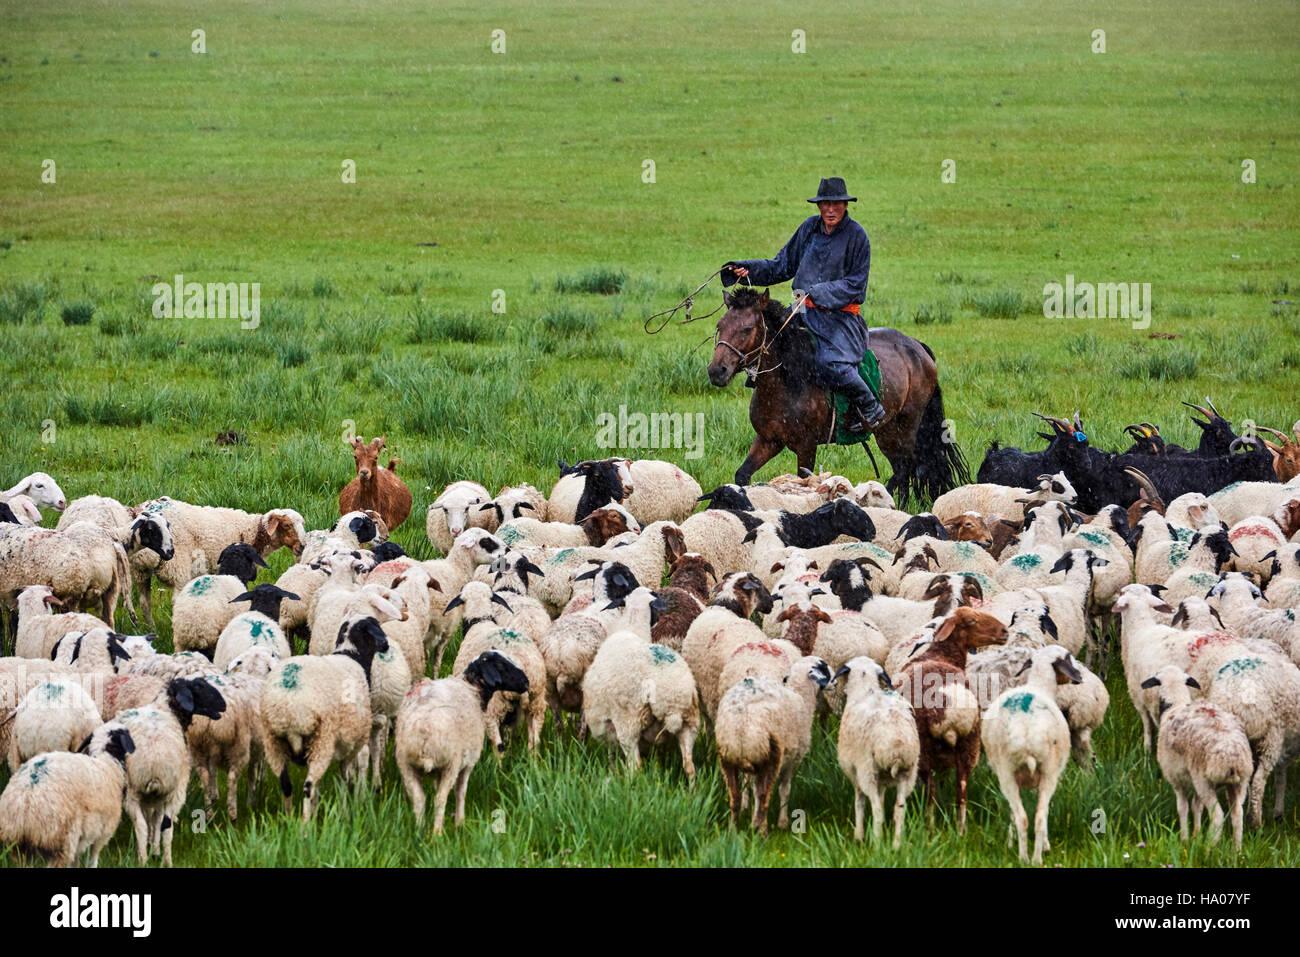 La Mongolie, province Arkhangai, nomad camp, troupeau de moutons sous la pluie Photo Stock